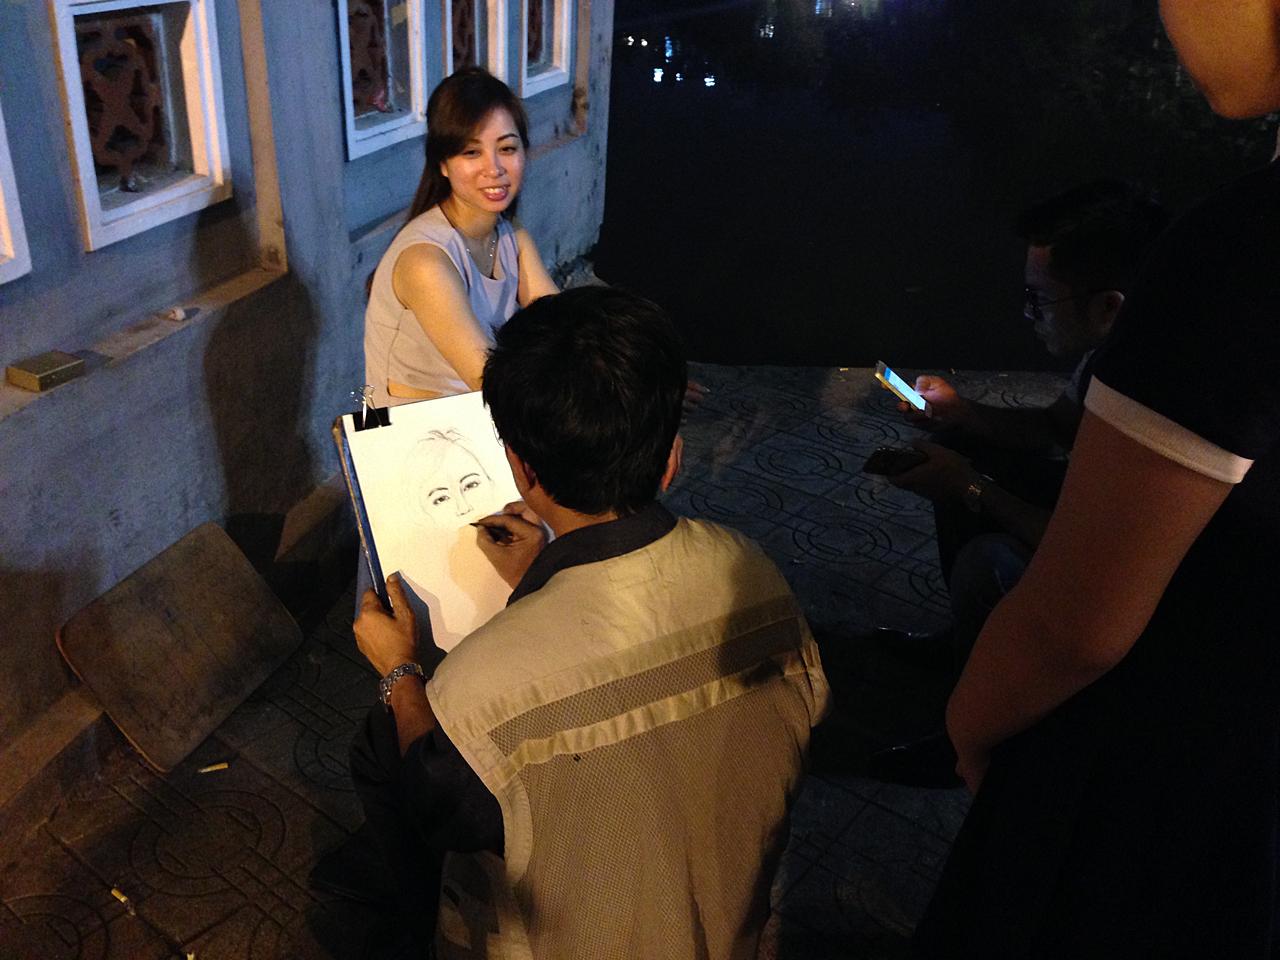 하노이 호안끼엠 호숫가 풍경. 여행자뿐만 아니라 베트남 사람들도 나와 저녁 시간을 즐긴다.